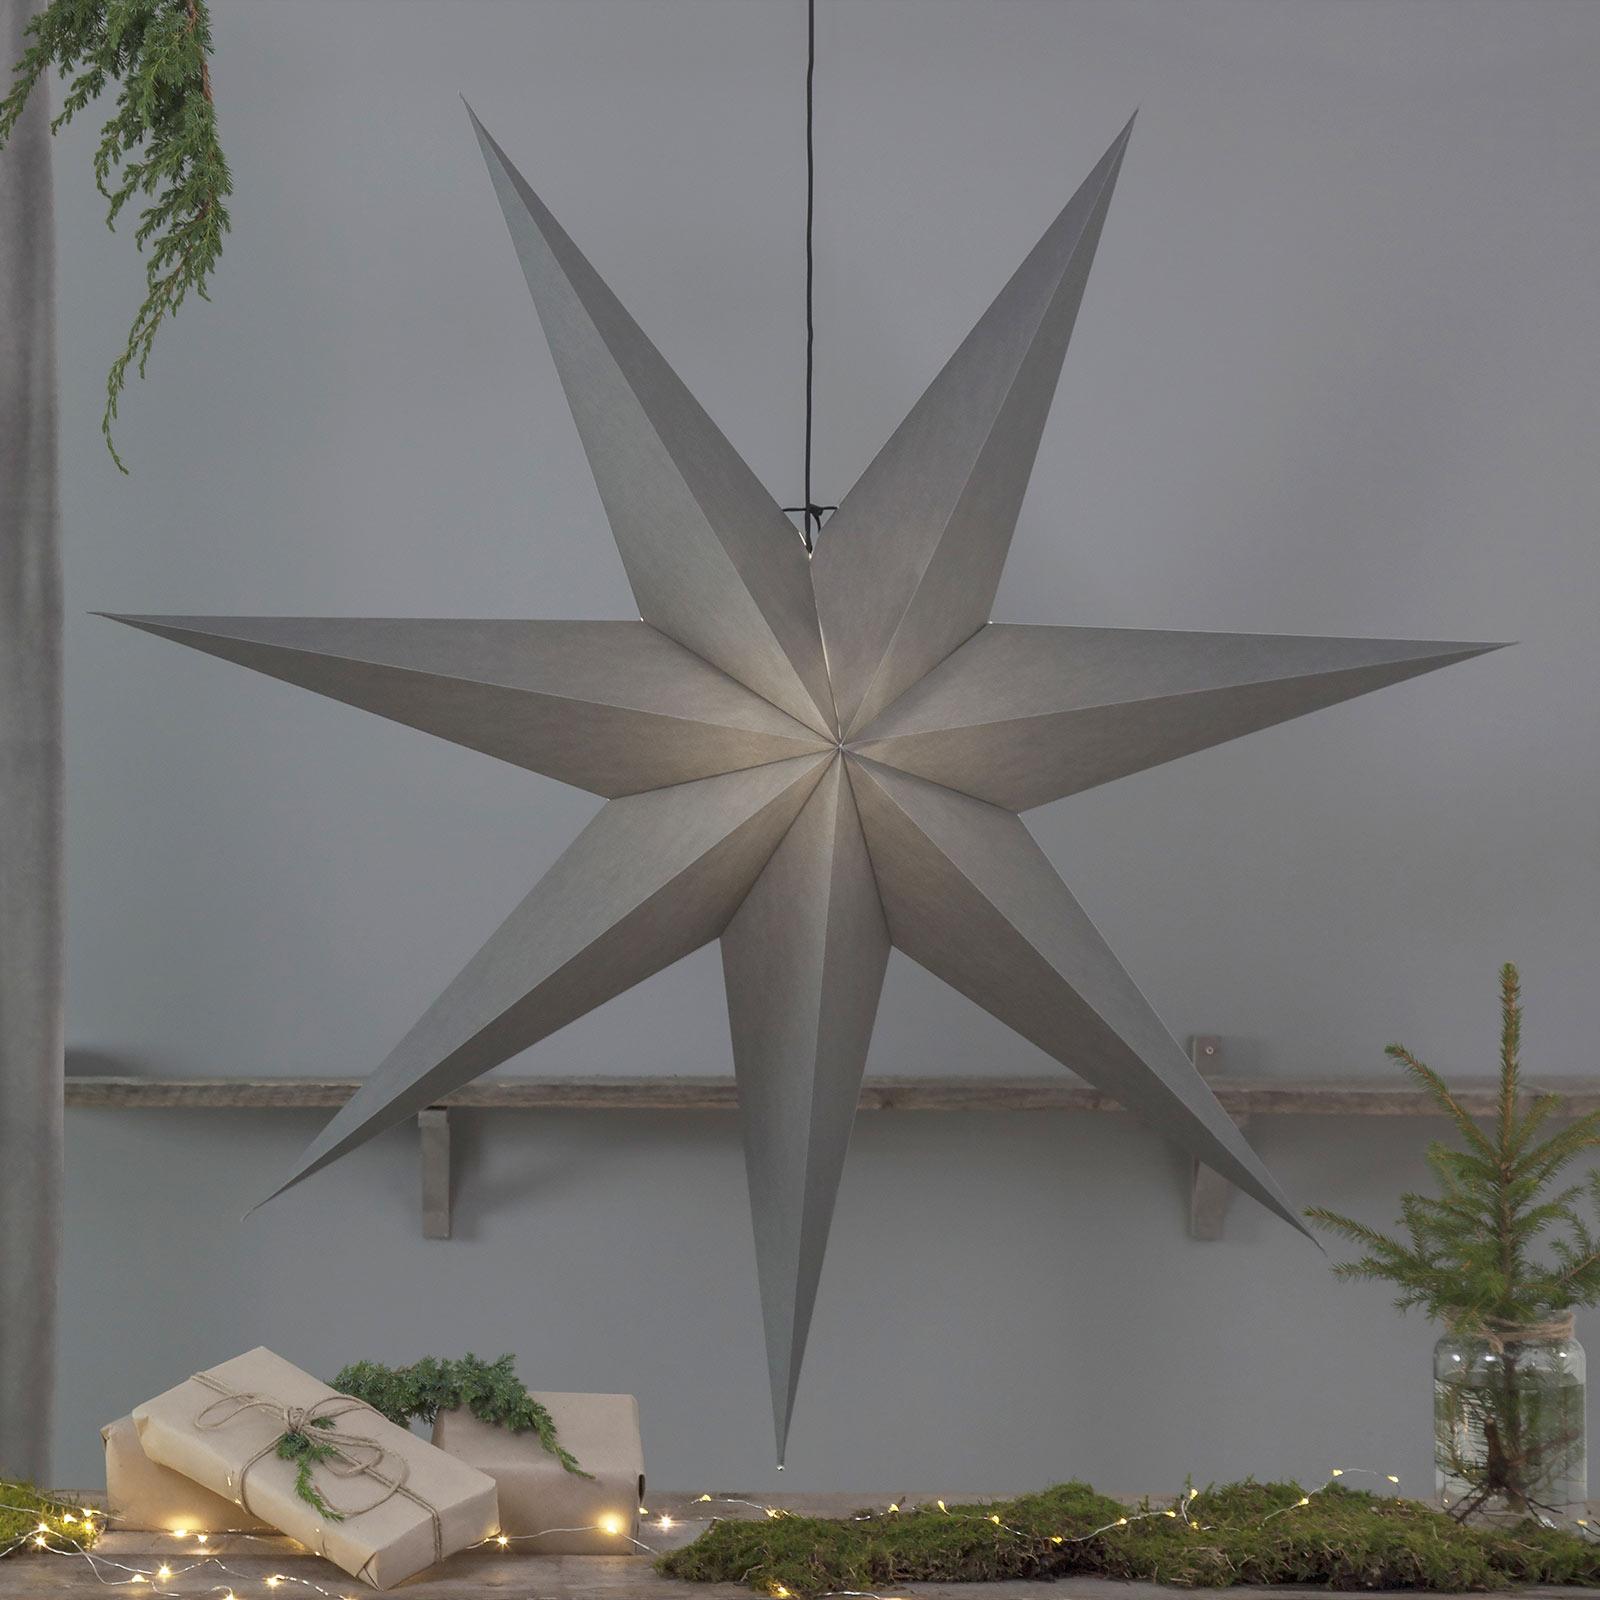 Ozen papirstjerne med syv takker